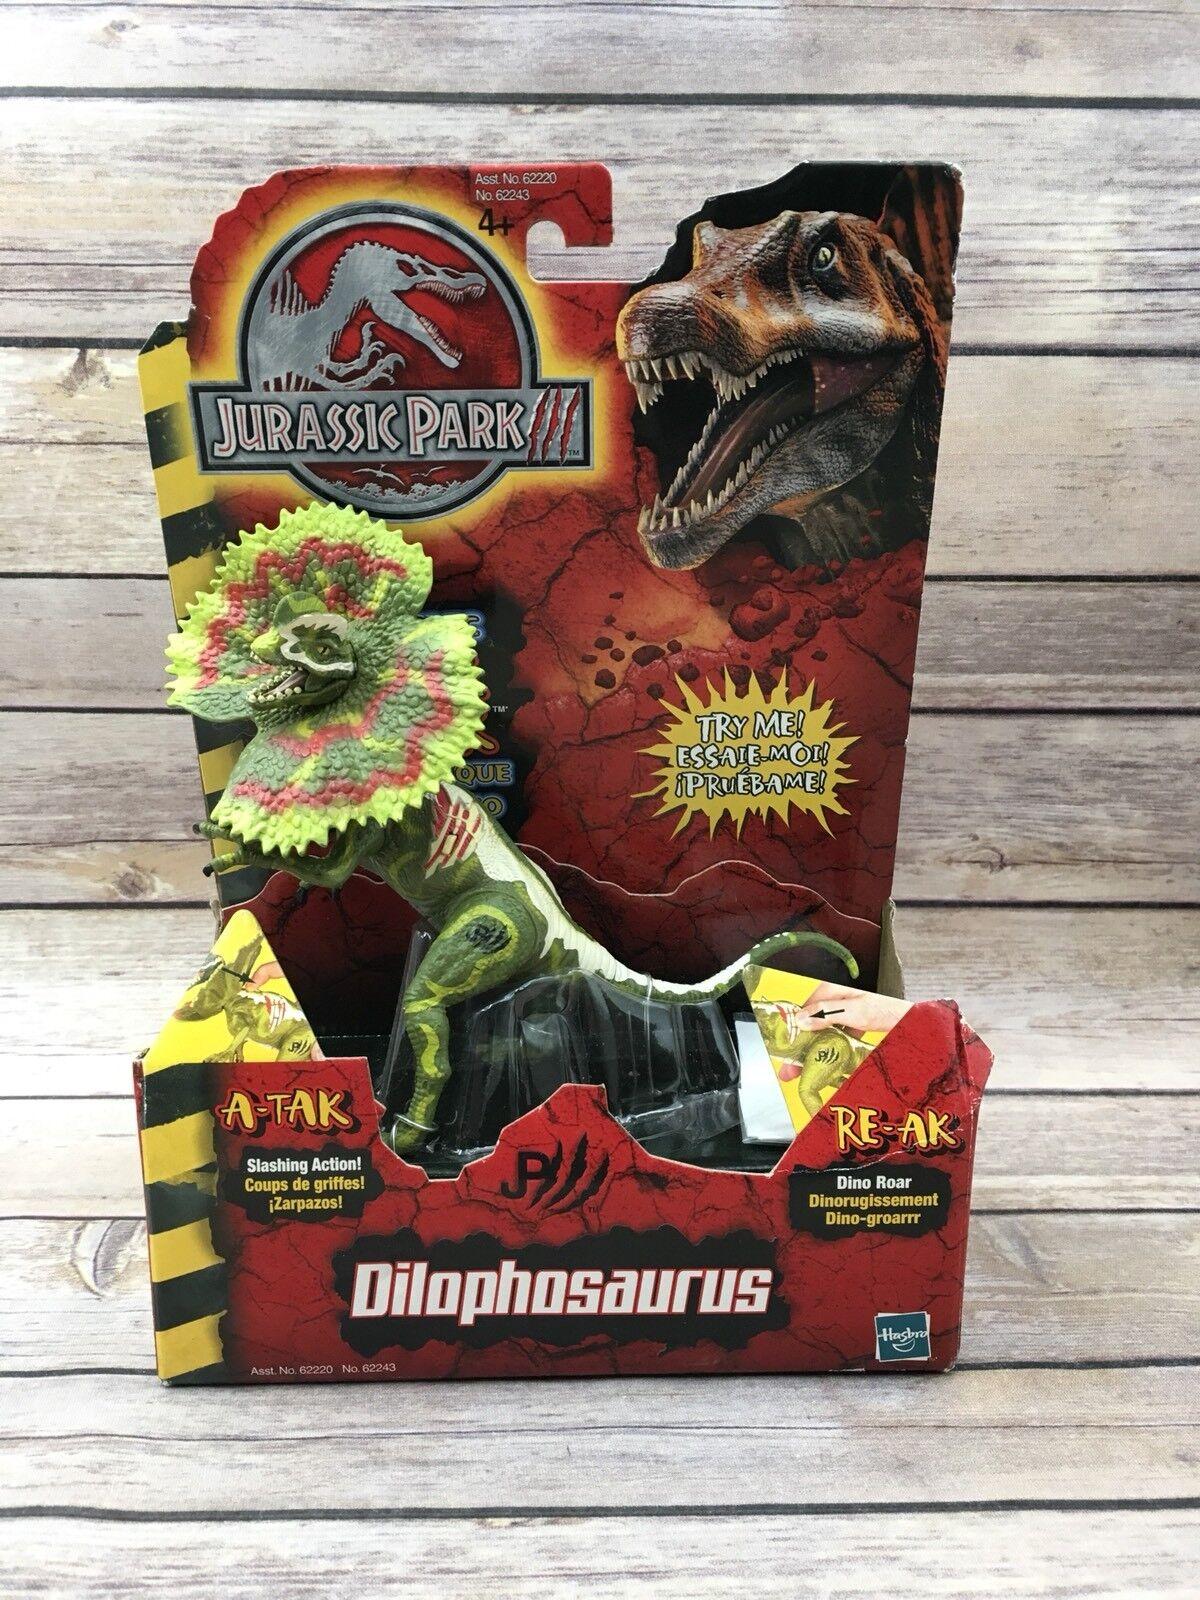 New Hasbro 2000 Jurassic Park 3 Re Ak A-Tak Dilophosaurus  62243 Sealed Dinosaur